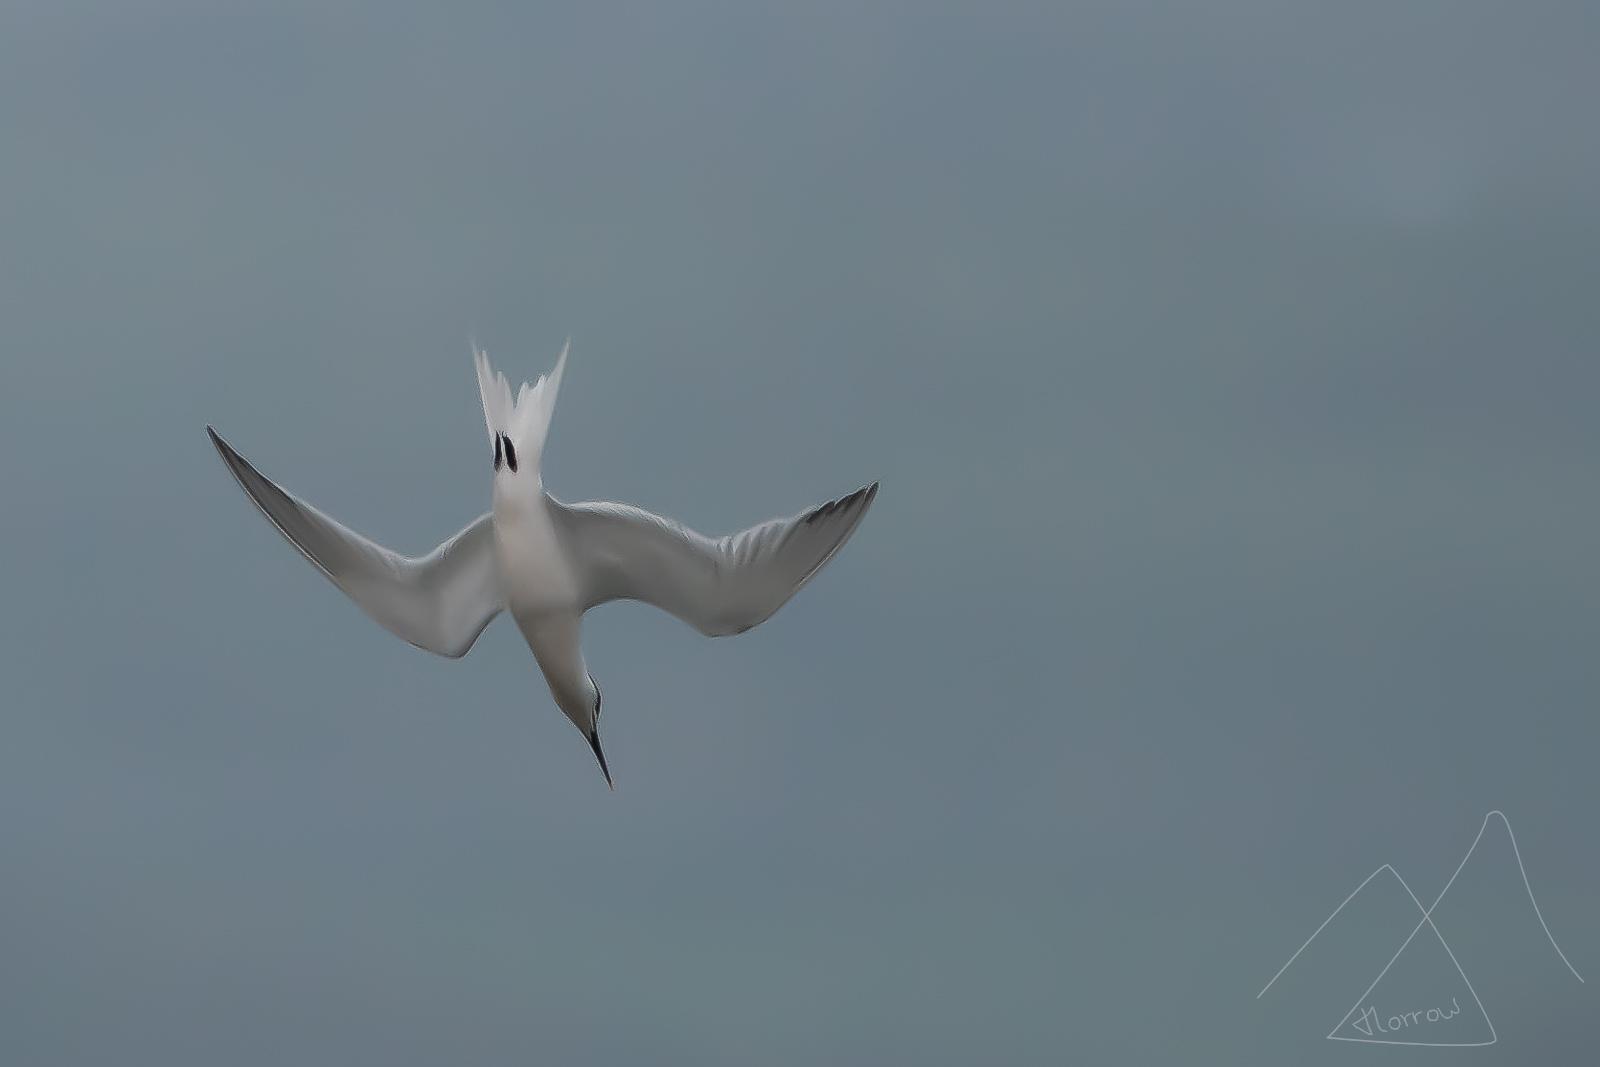 Tern diving